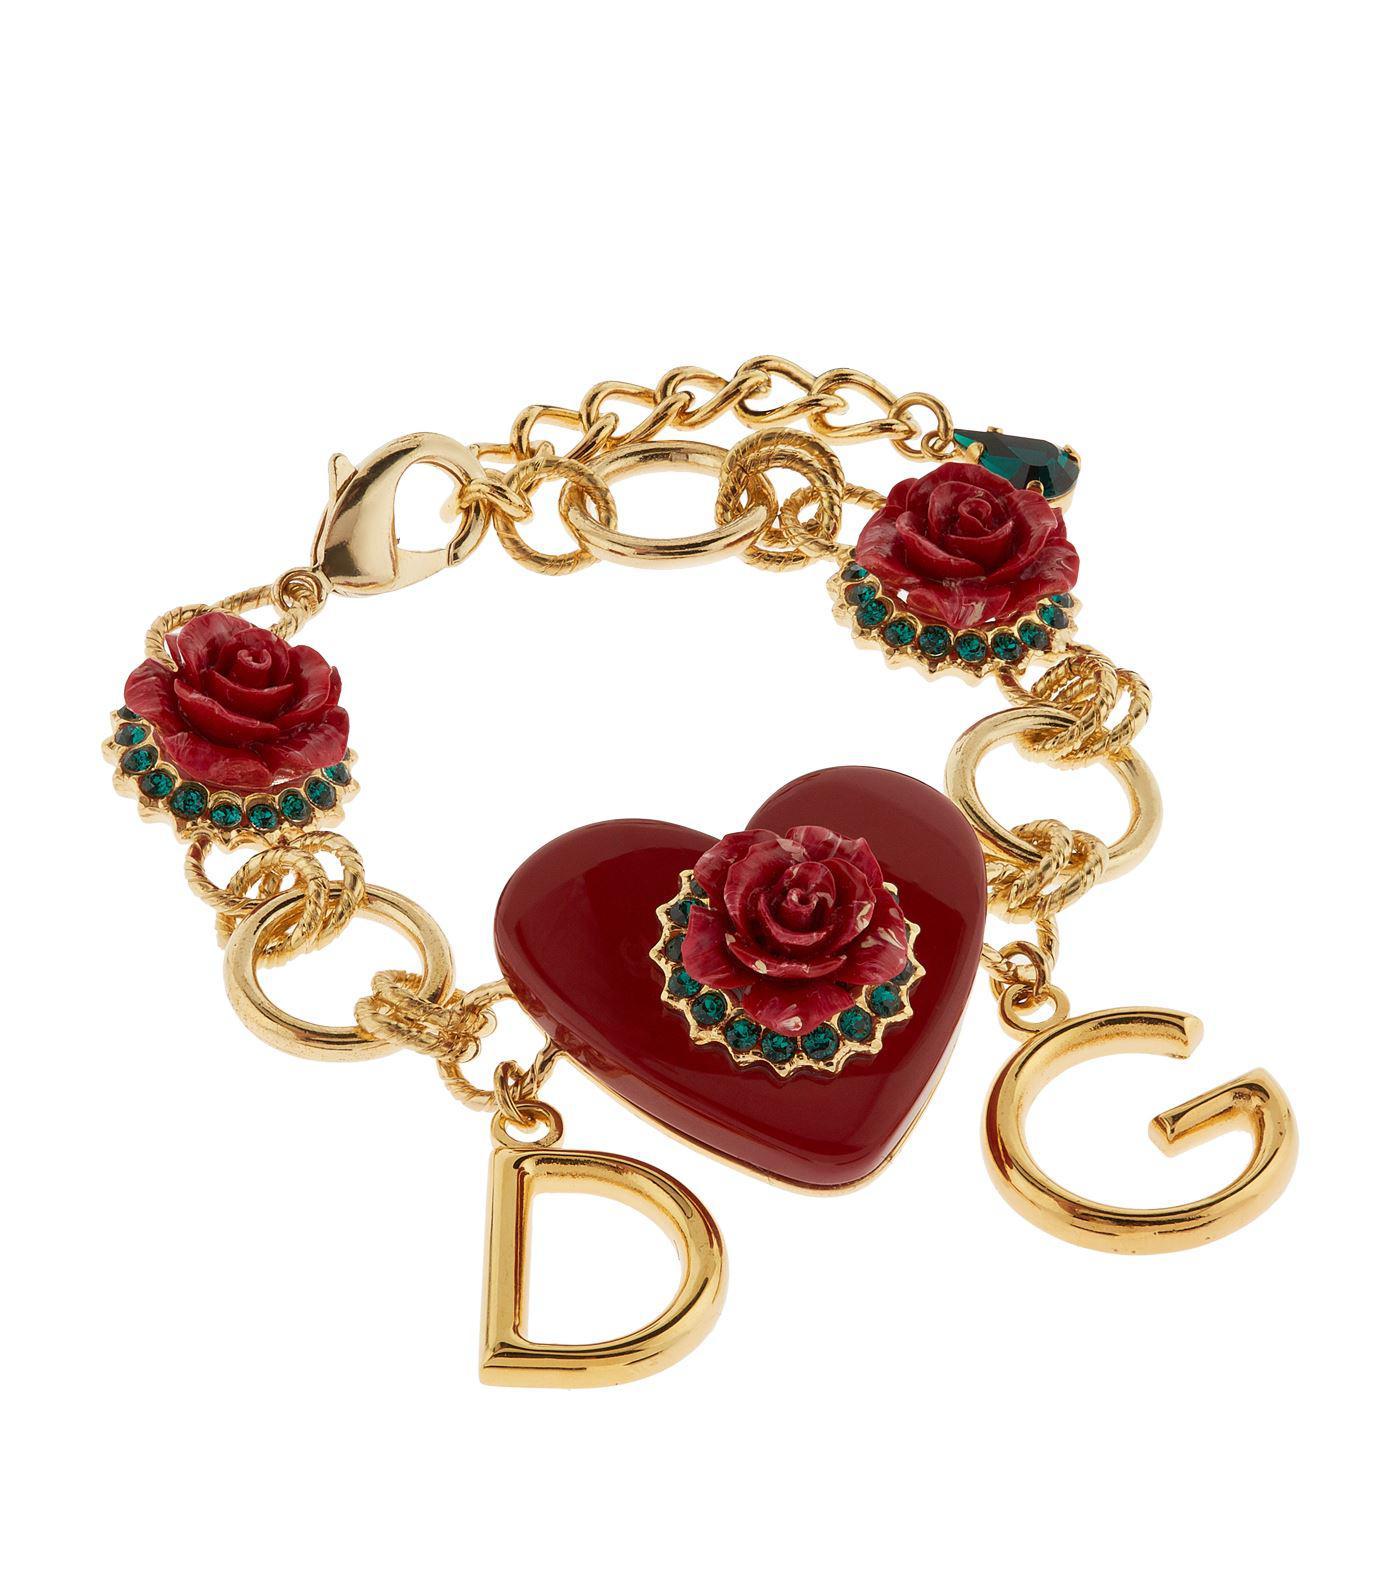 Dolce & Gabbana Floral and lemon-charm embellished bracelet 0qQPB